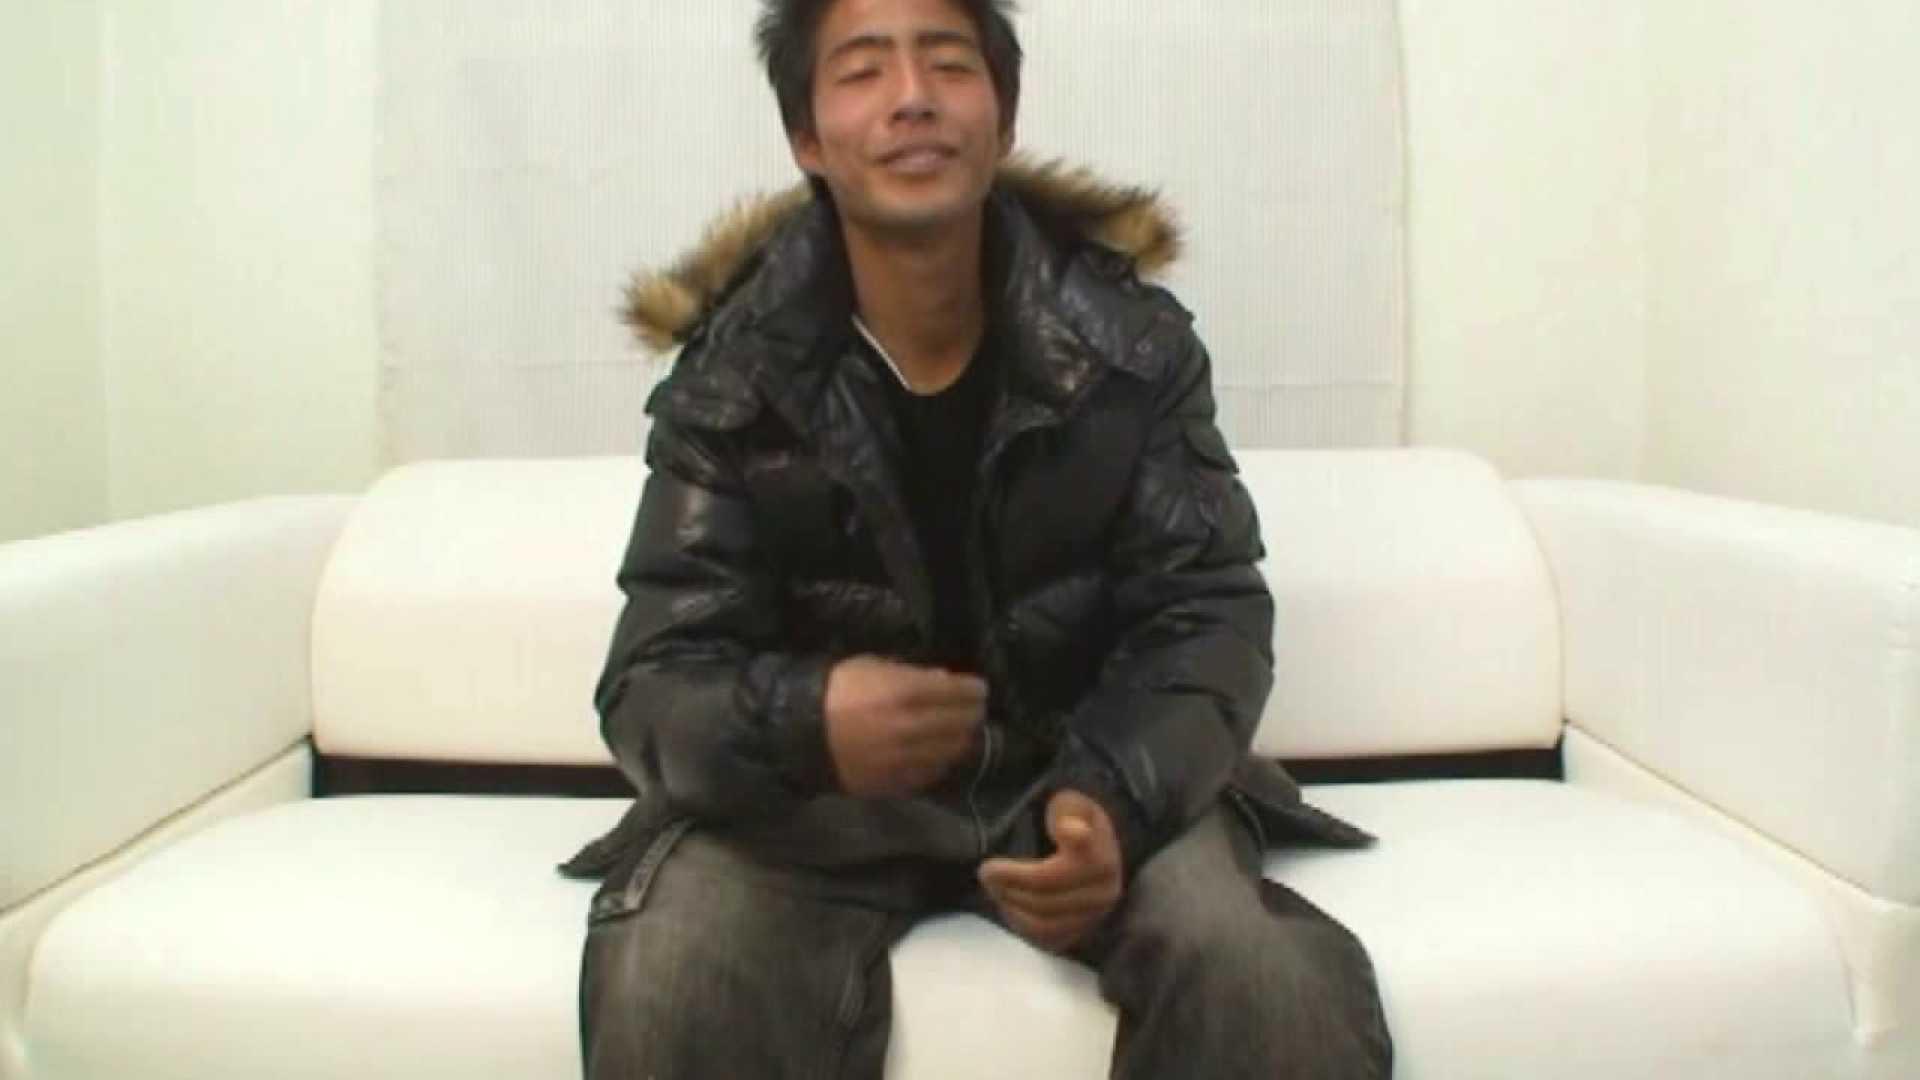 ノンケ!自慰スタジオ No.30 ゲイのオナニー映像 | 学生  58枚 25